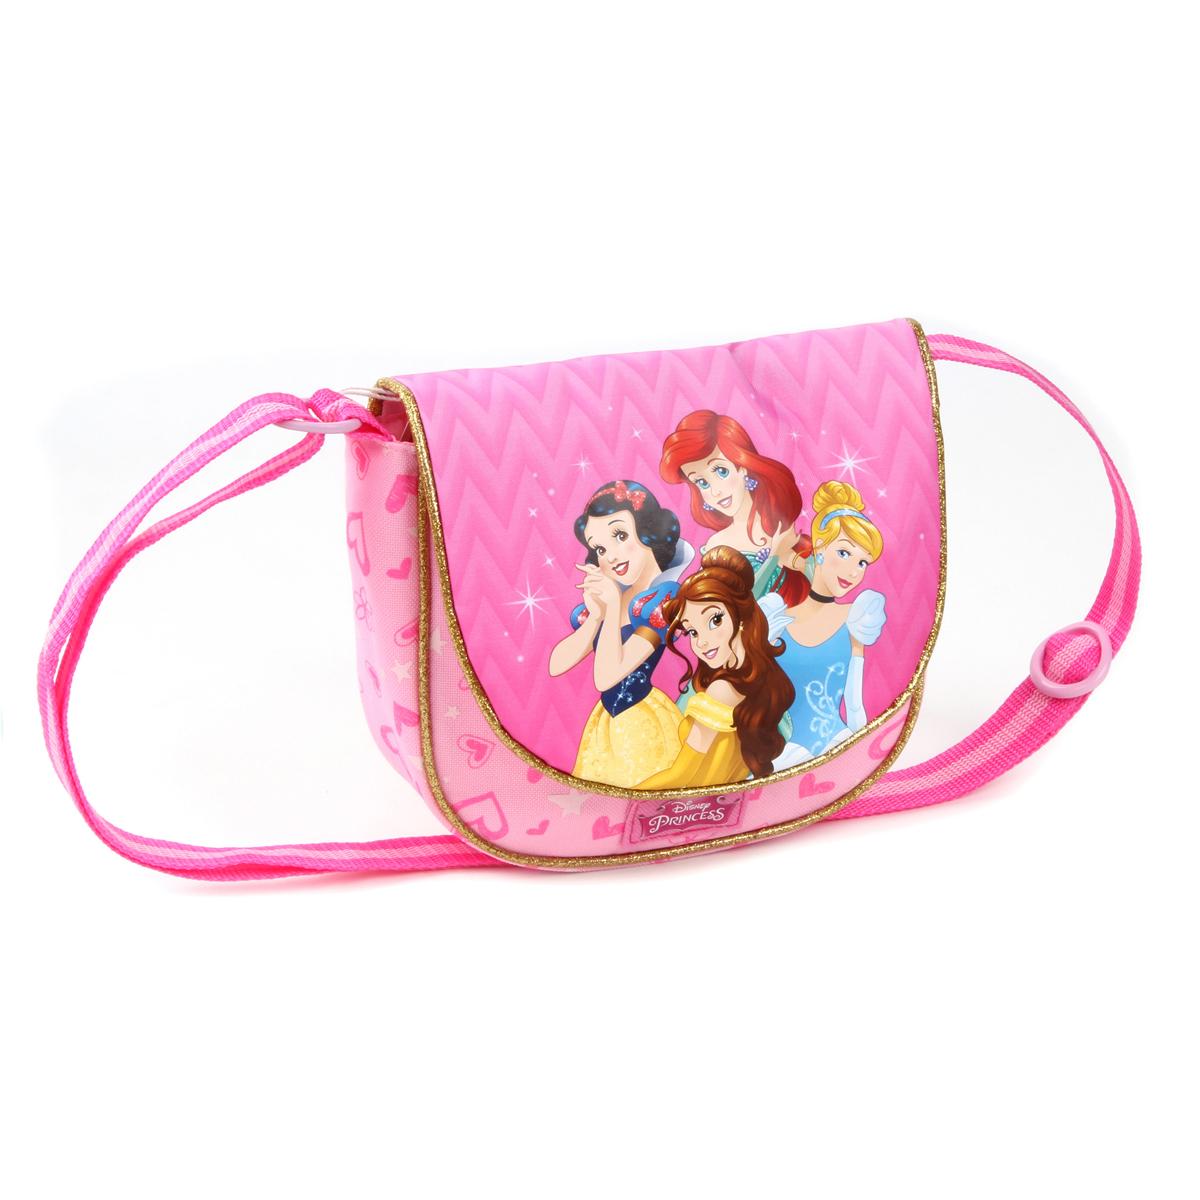 Sac créateur \'Princesses Disney\' rose - 19x155x55 cm - [A0113]